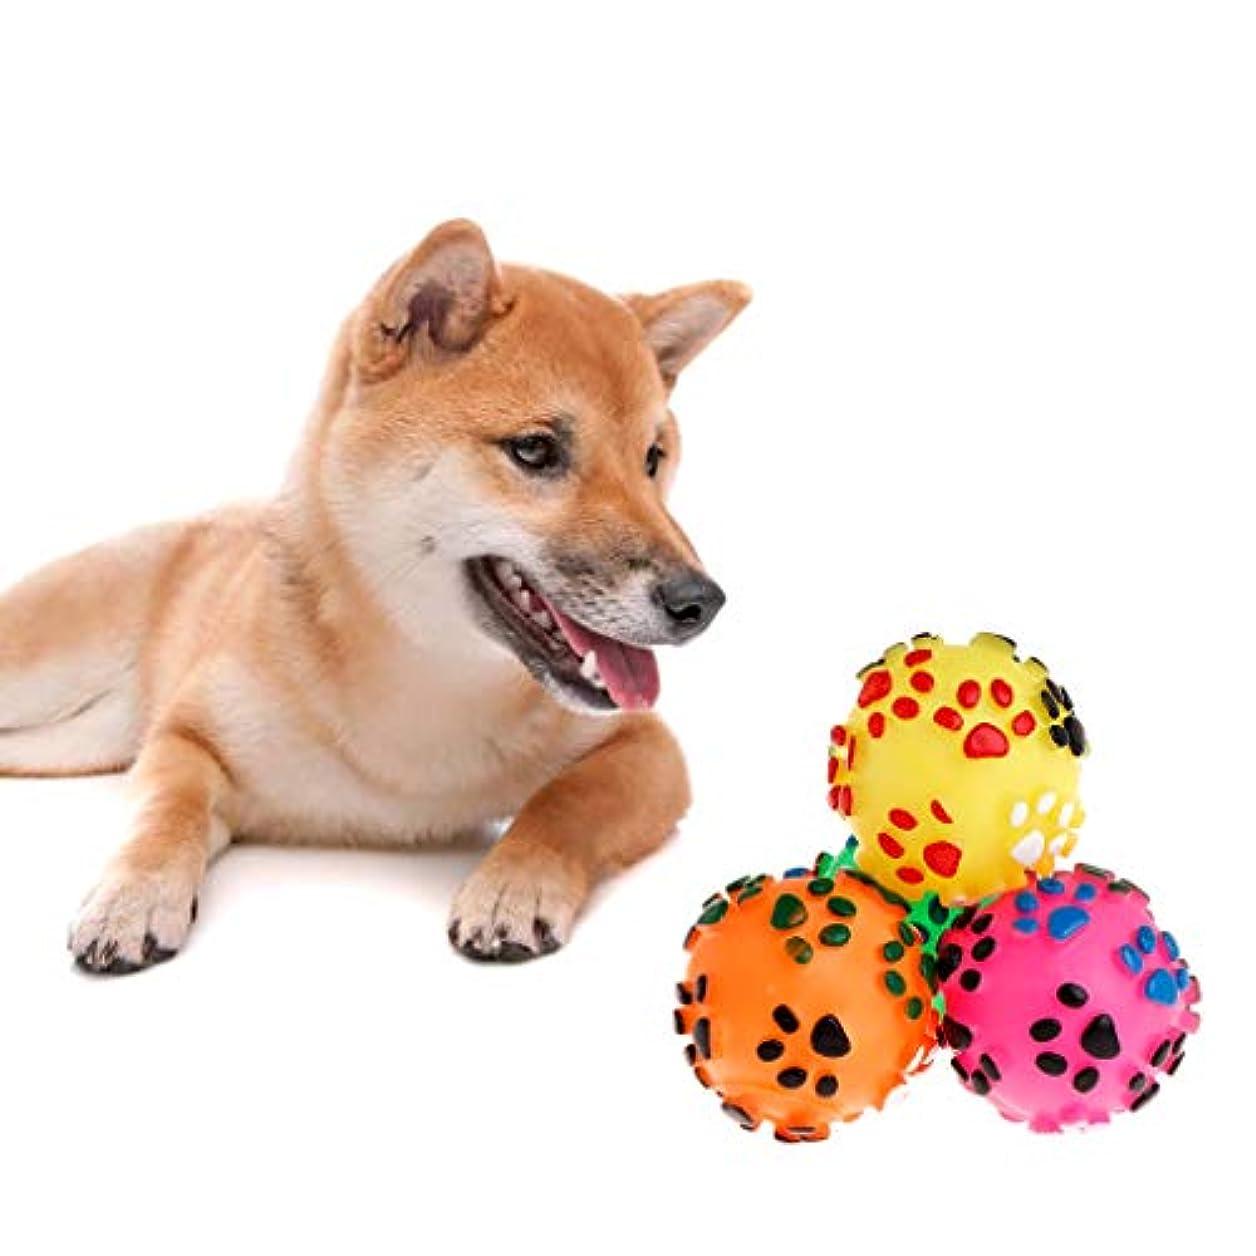 労働違う痛いYhiptop ペットのおもちゃボールラバーソフトフットプリントボールプレイインタラクティブ犬子犬猫マッサージきしむ臼歯噛む噛むおもちゃ用品